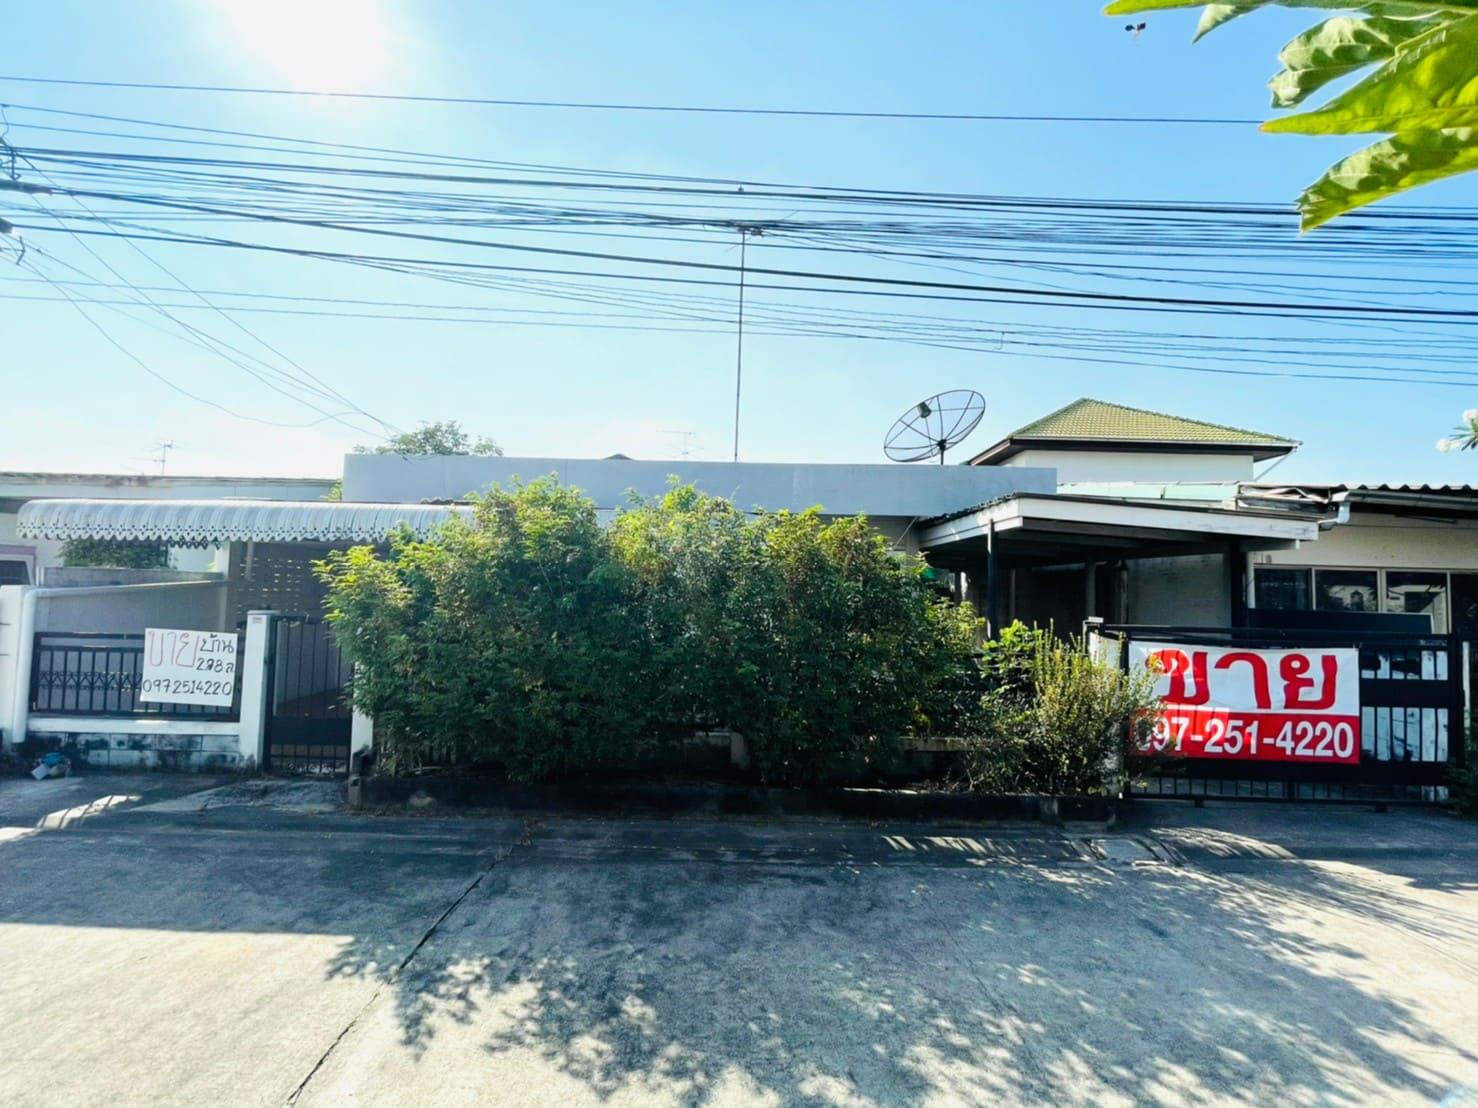 บ้านเดี่ยว งามวงศ์วาน-แคราย ใกล้ศูนย์ราชการนนทบุรี ซอยติวานนท์25แยก4 ทำเลดีเข้าซอยไม่ลึก